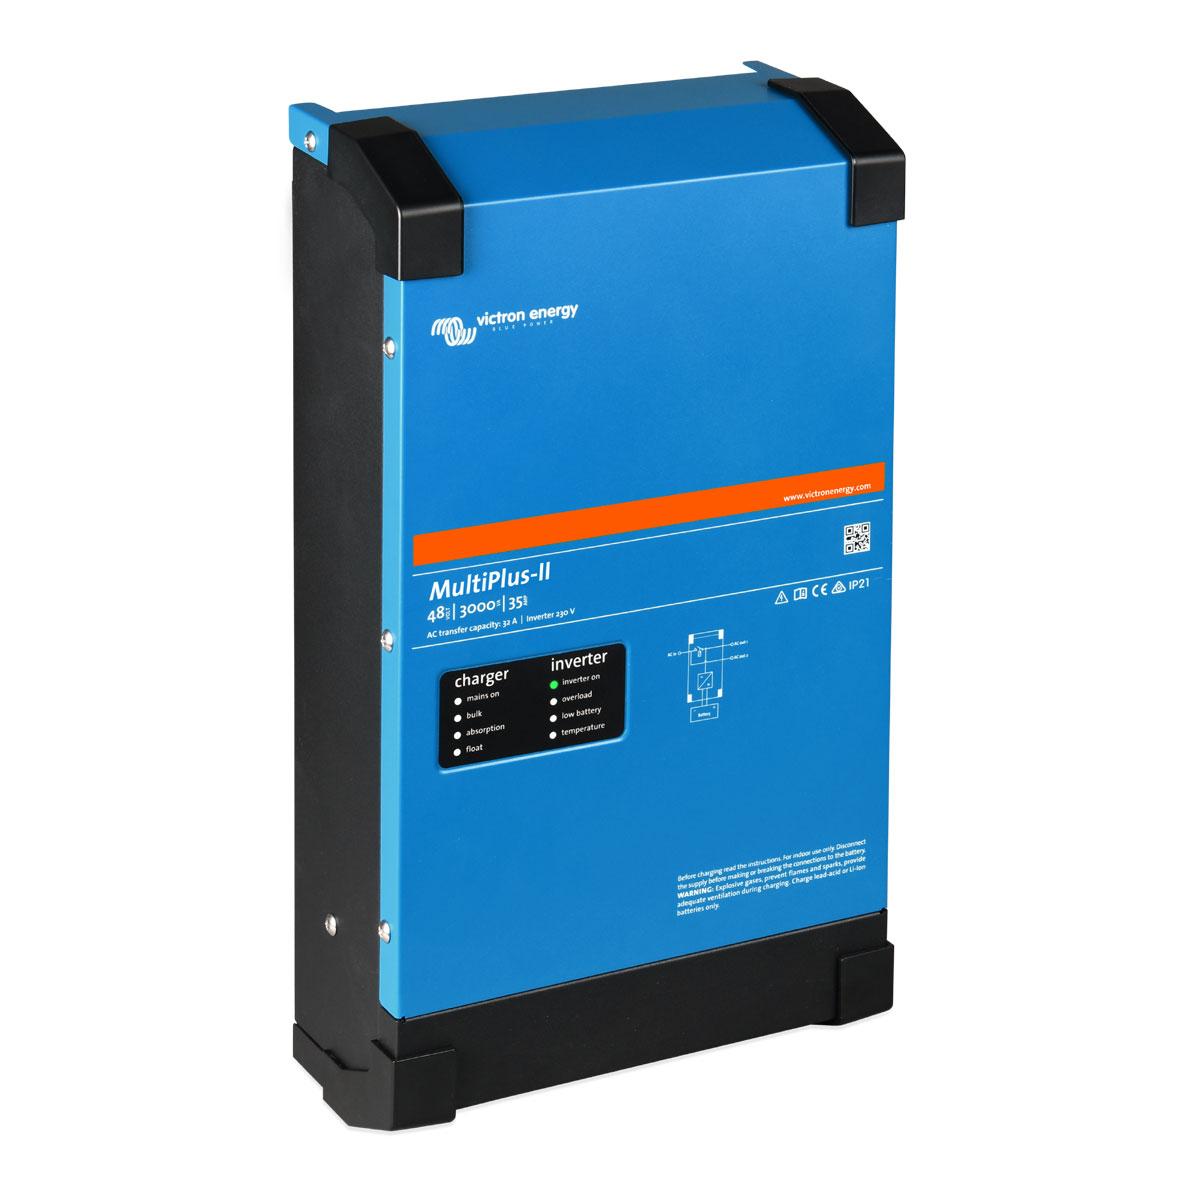 MultiPlus II 48/3000/35-32 Wechselrichter/Ladegerät